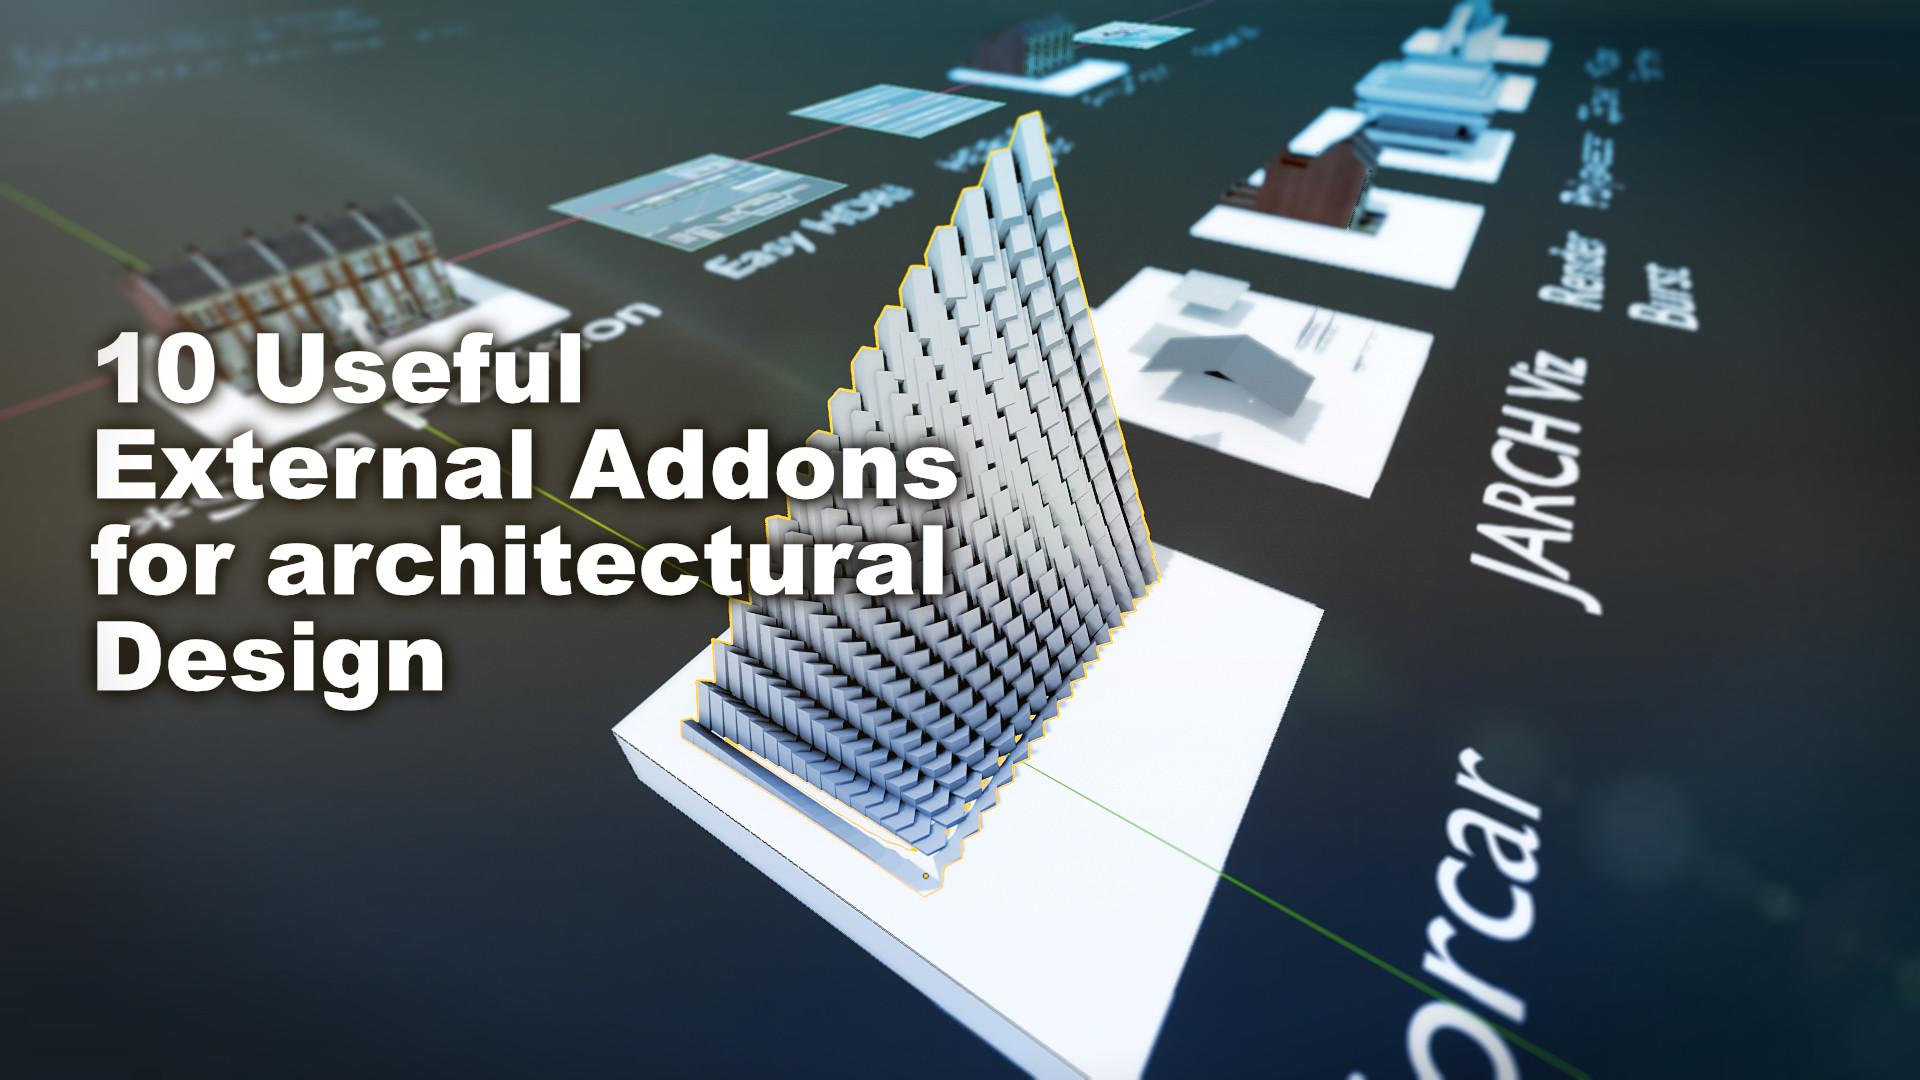 10 Useful external addons for architectural design - BlenderNation